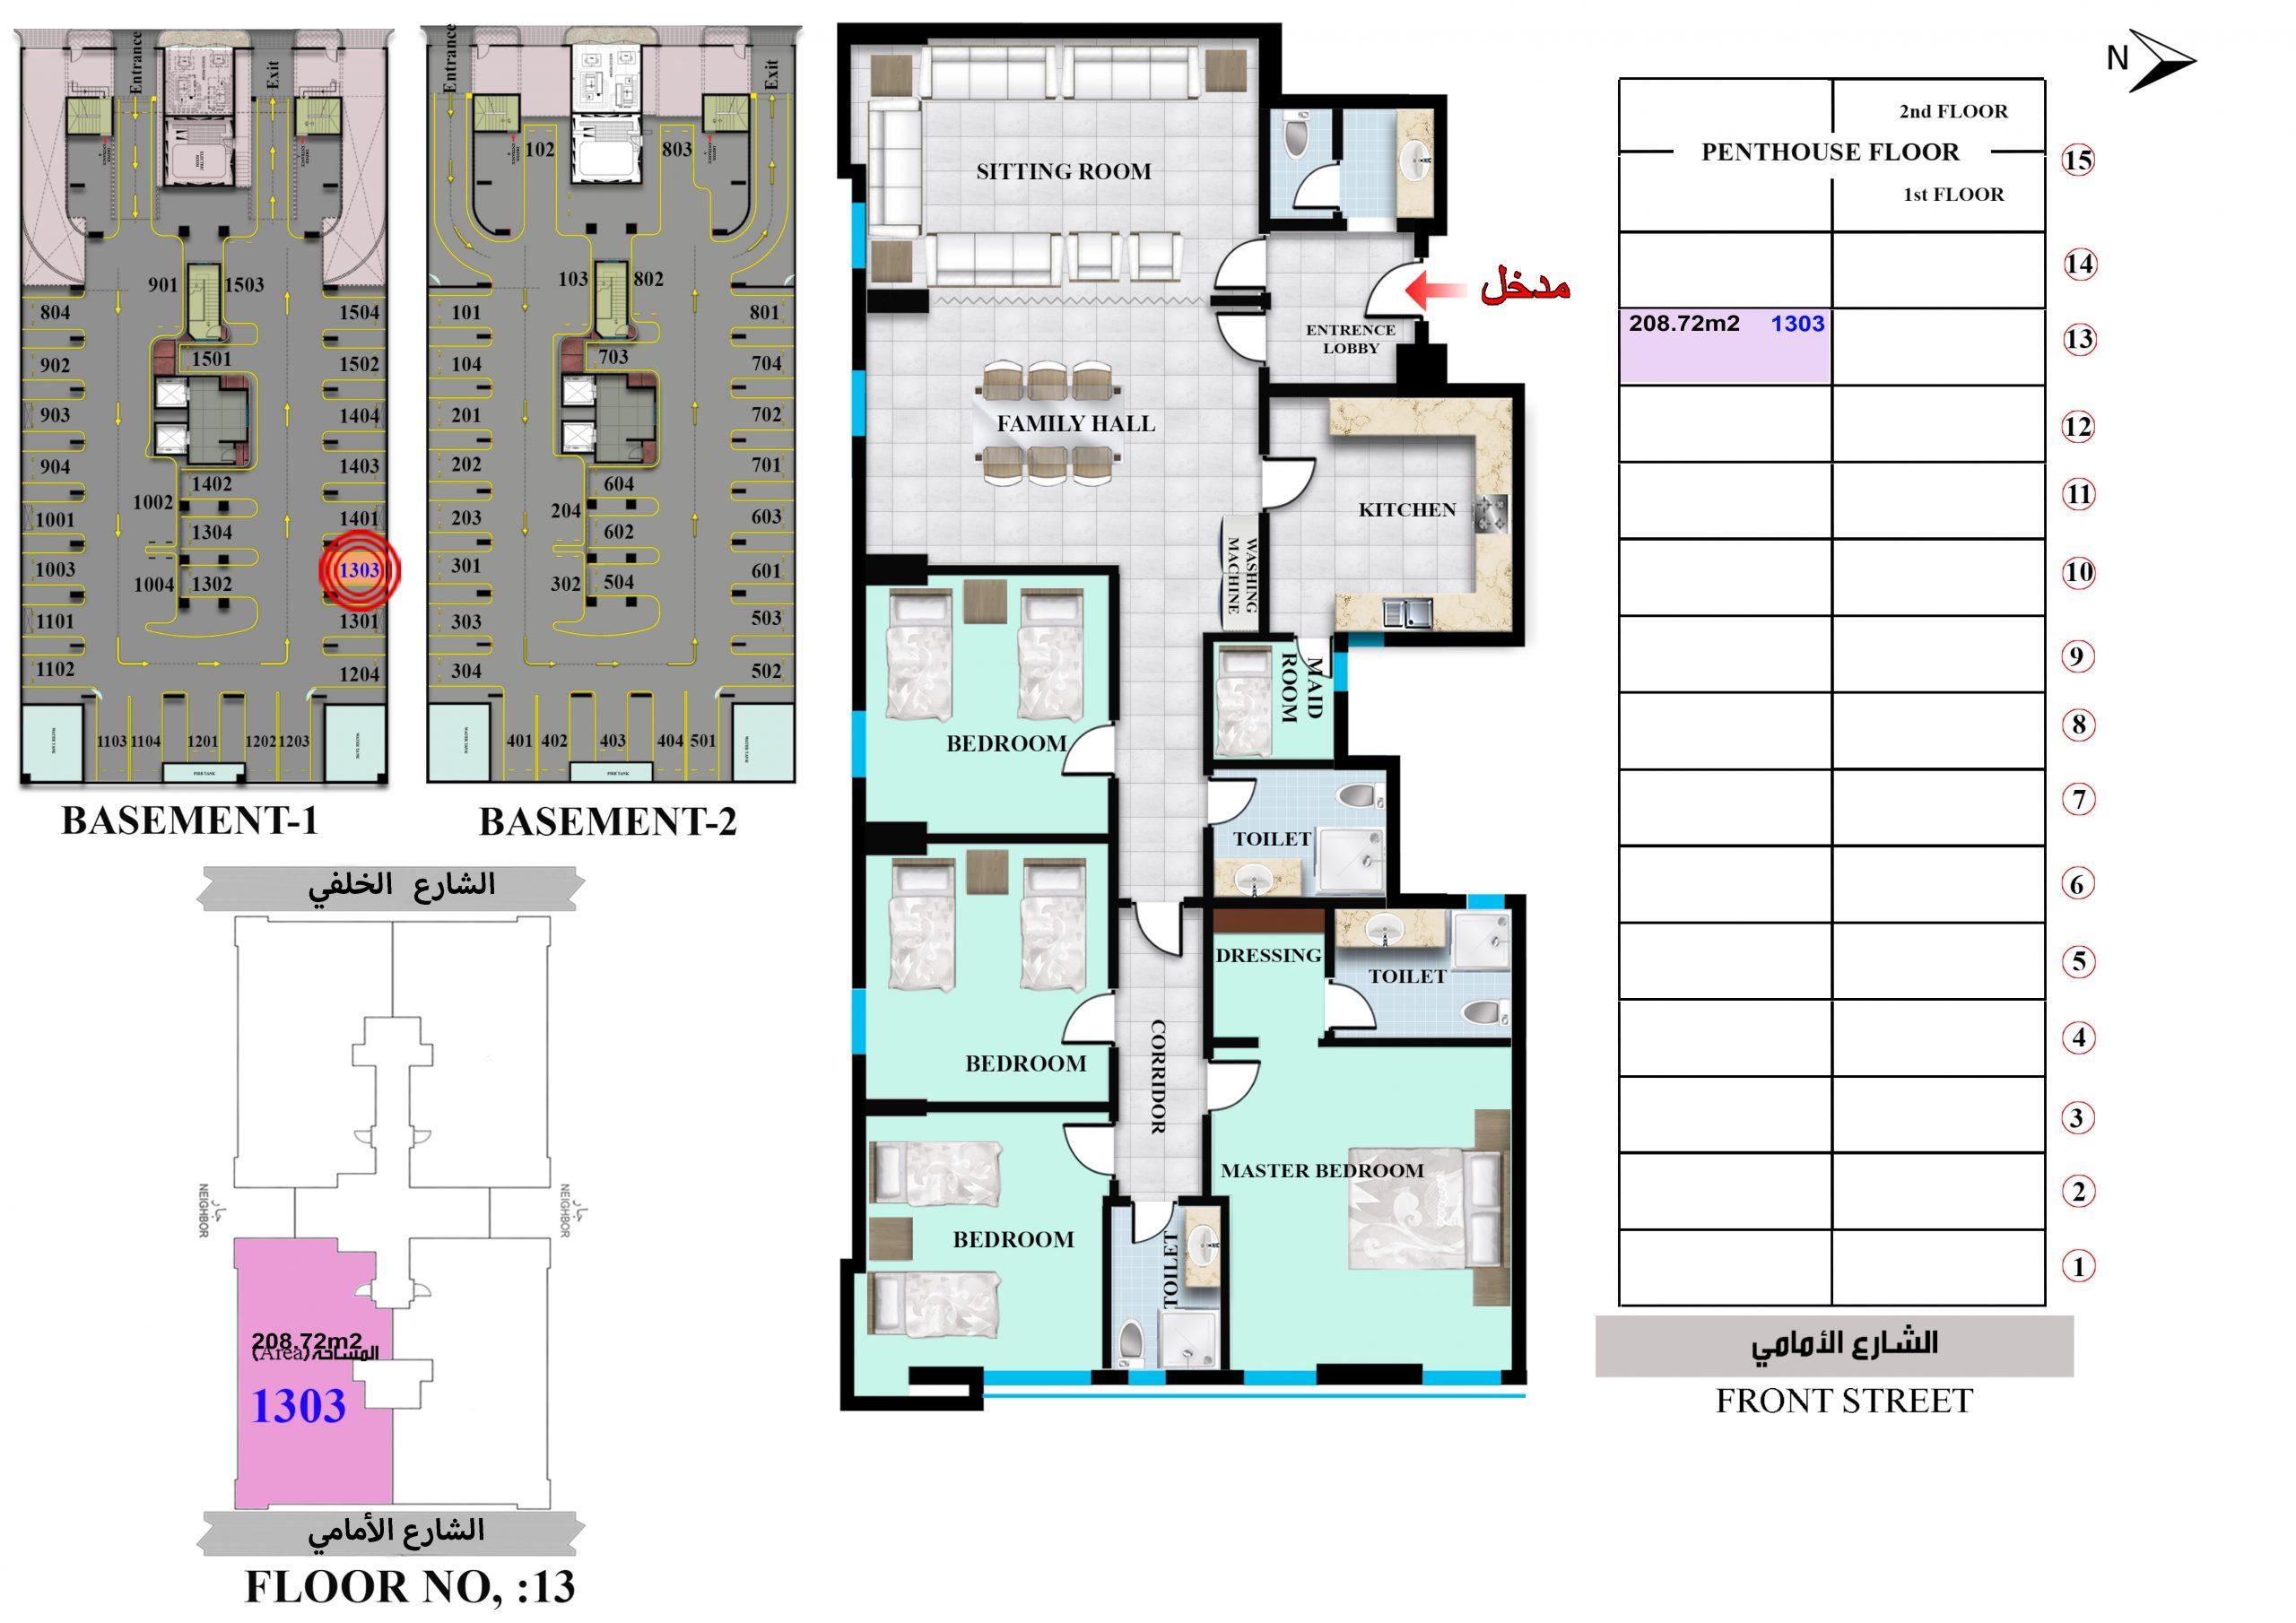 شقة رقم 1303